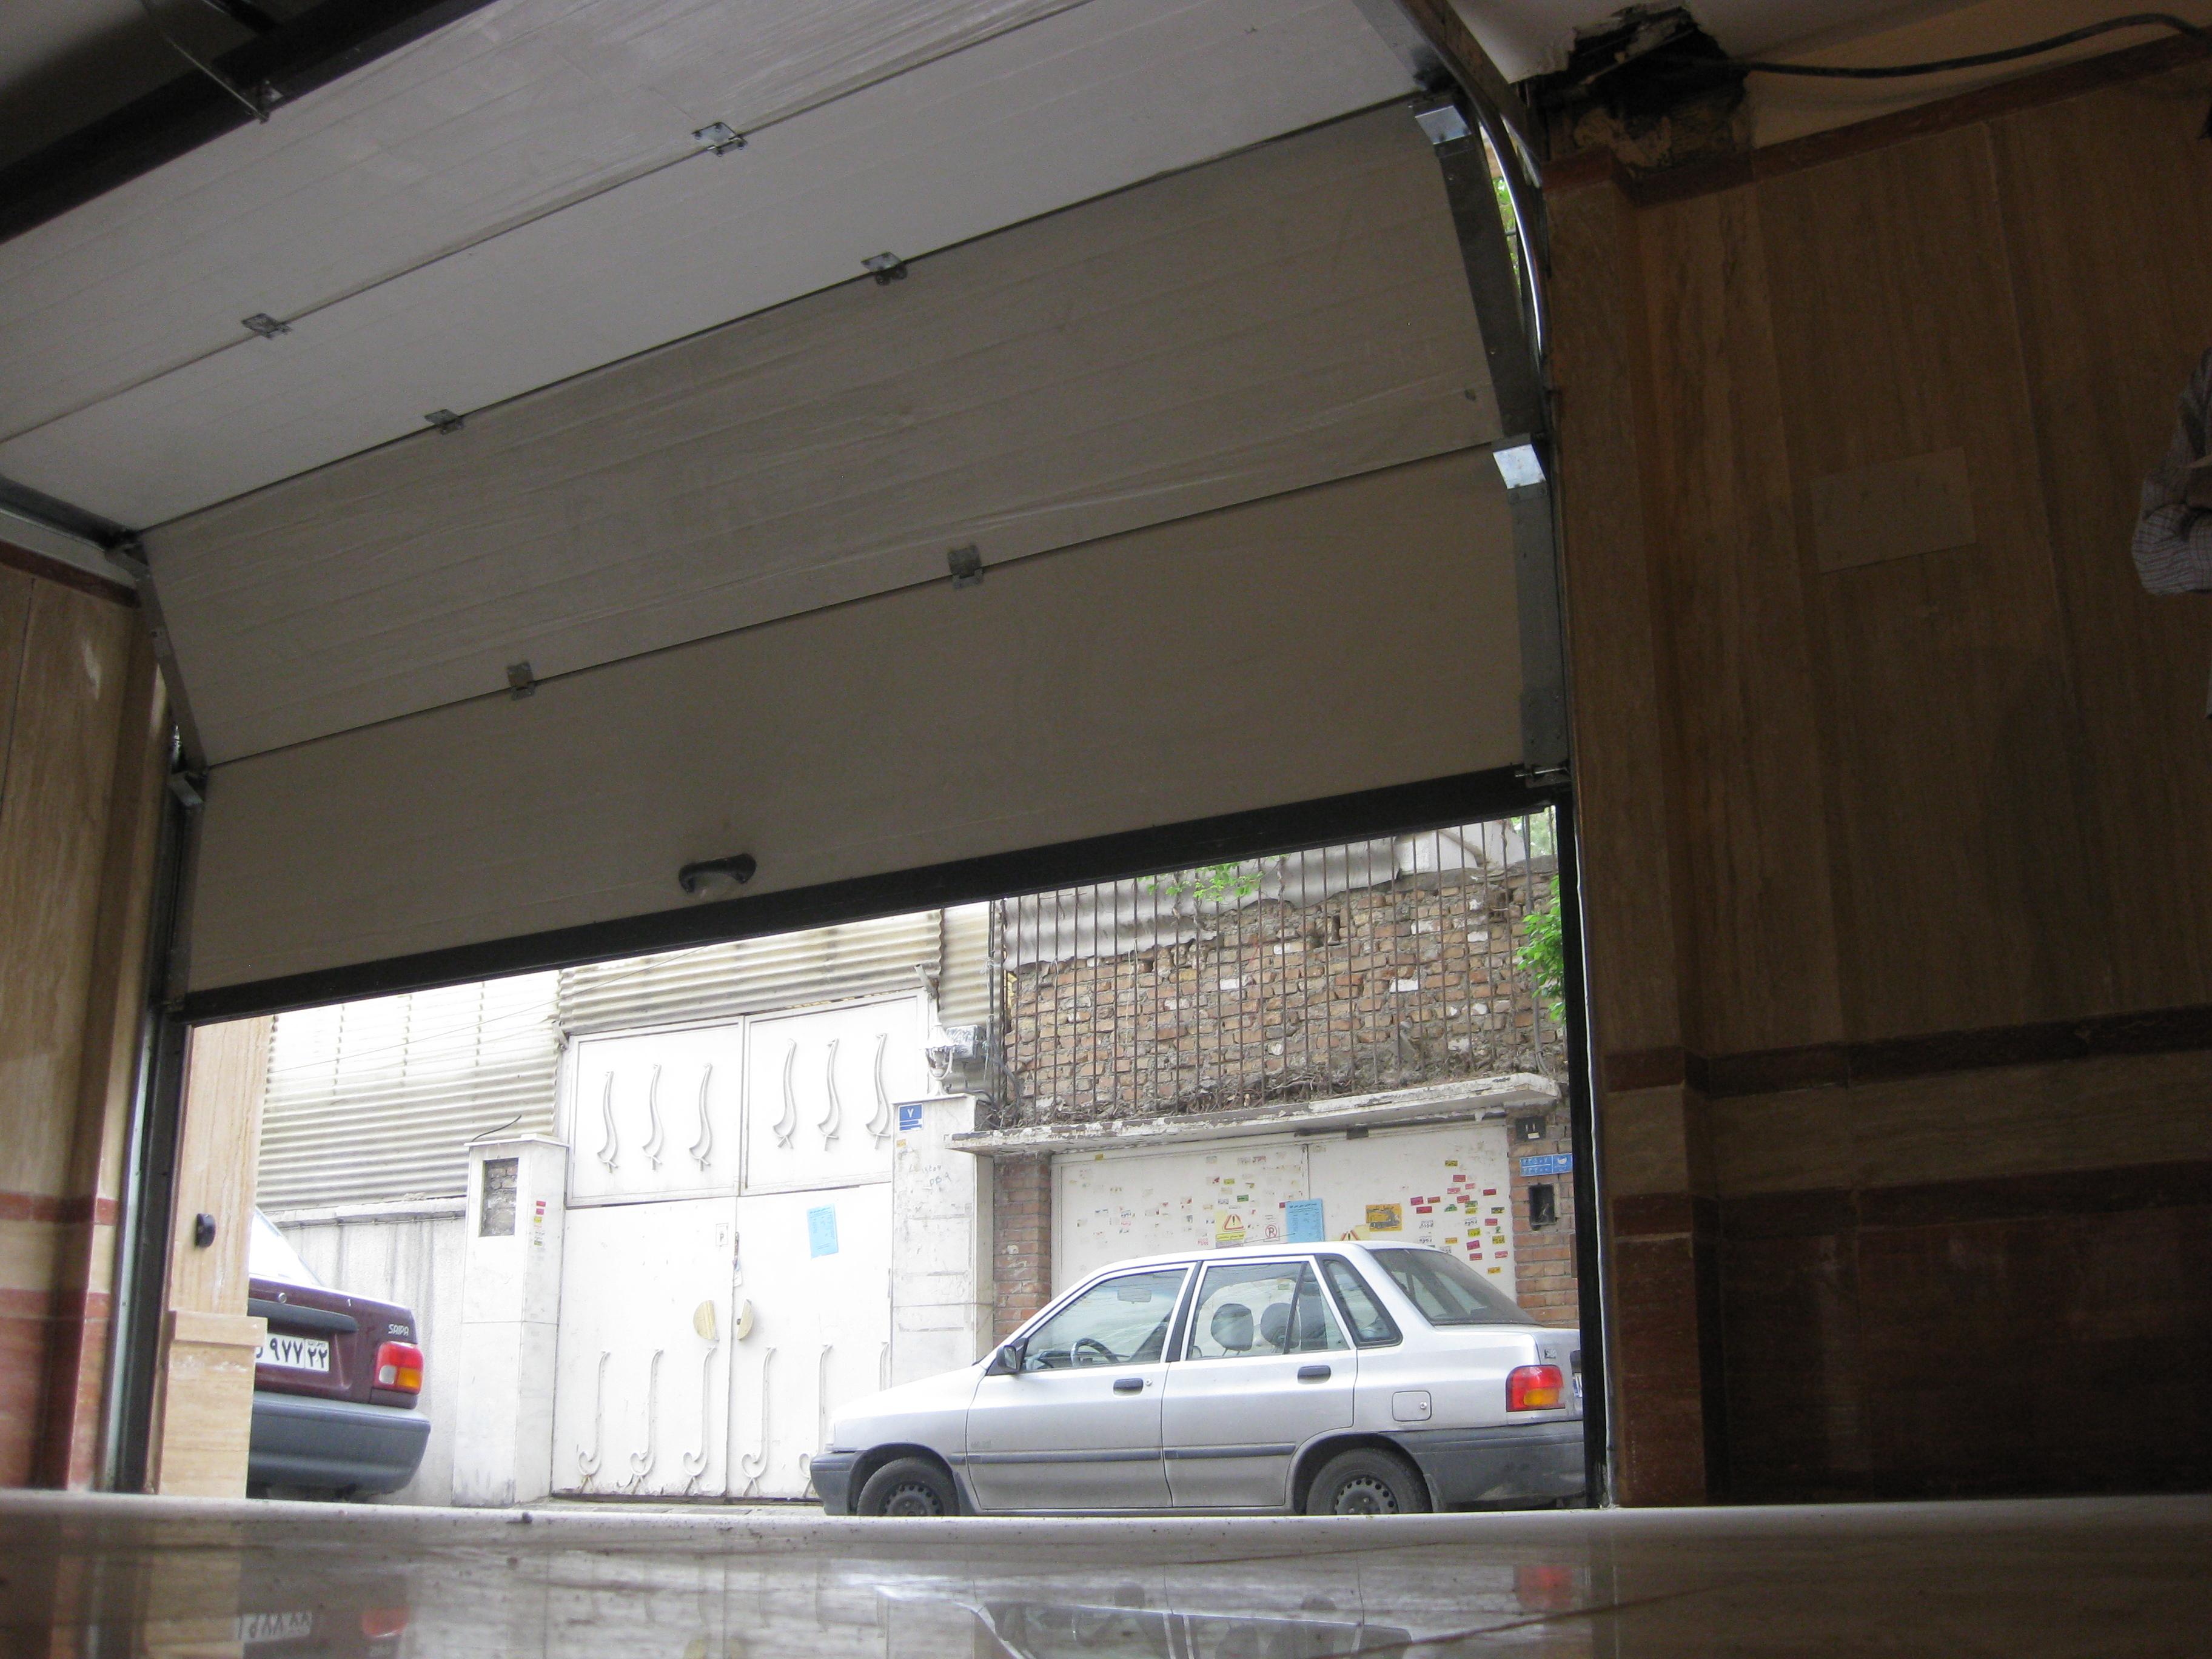 درب اتوماتیک زیر سقفی - در سکشنال | ایران فیدار